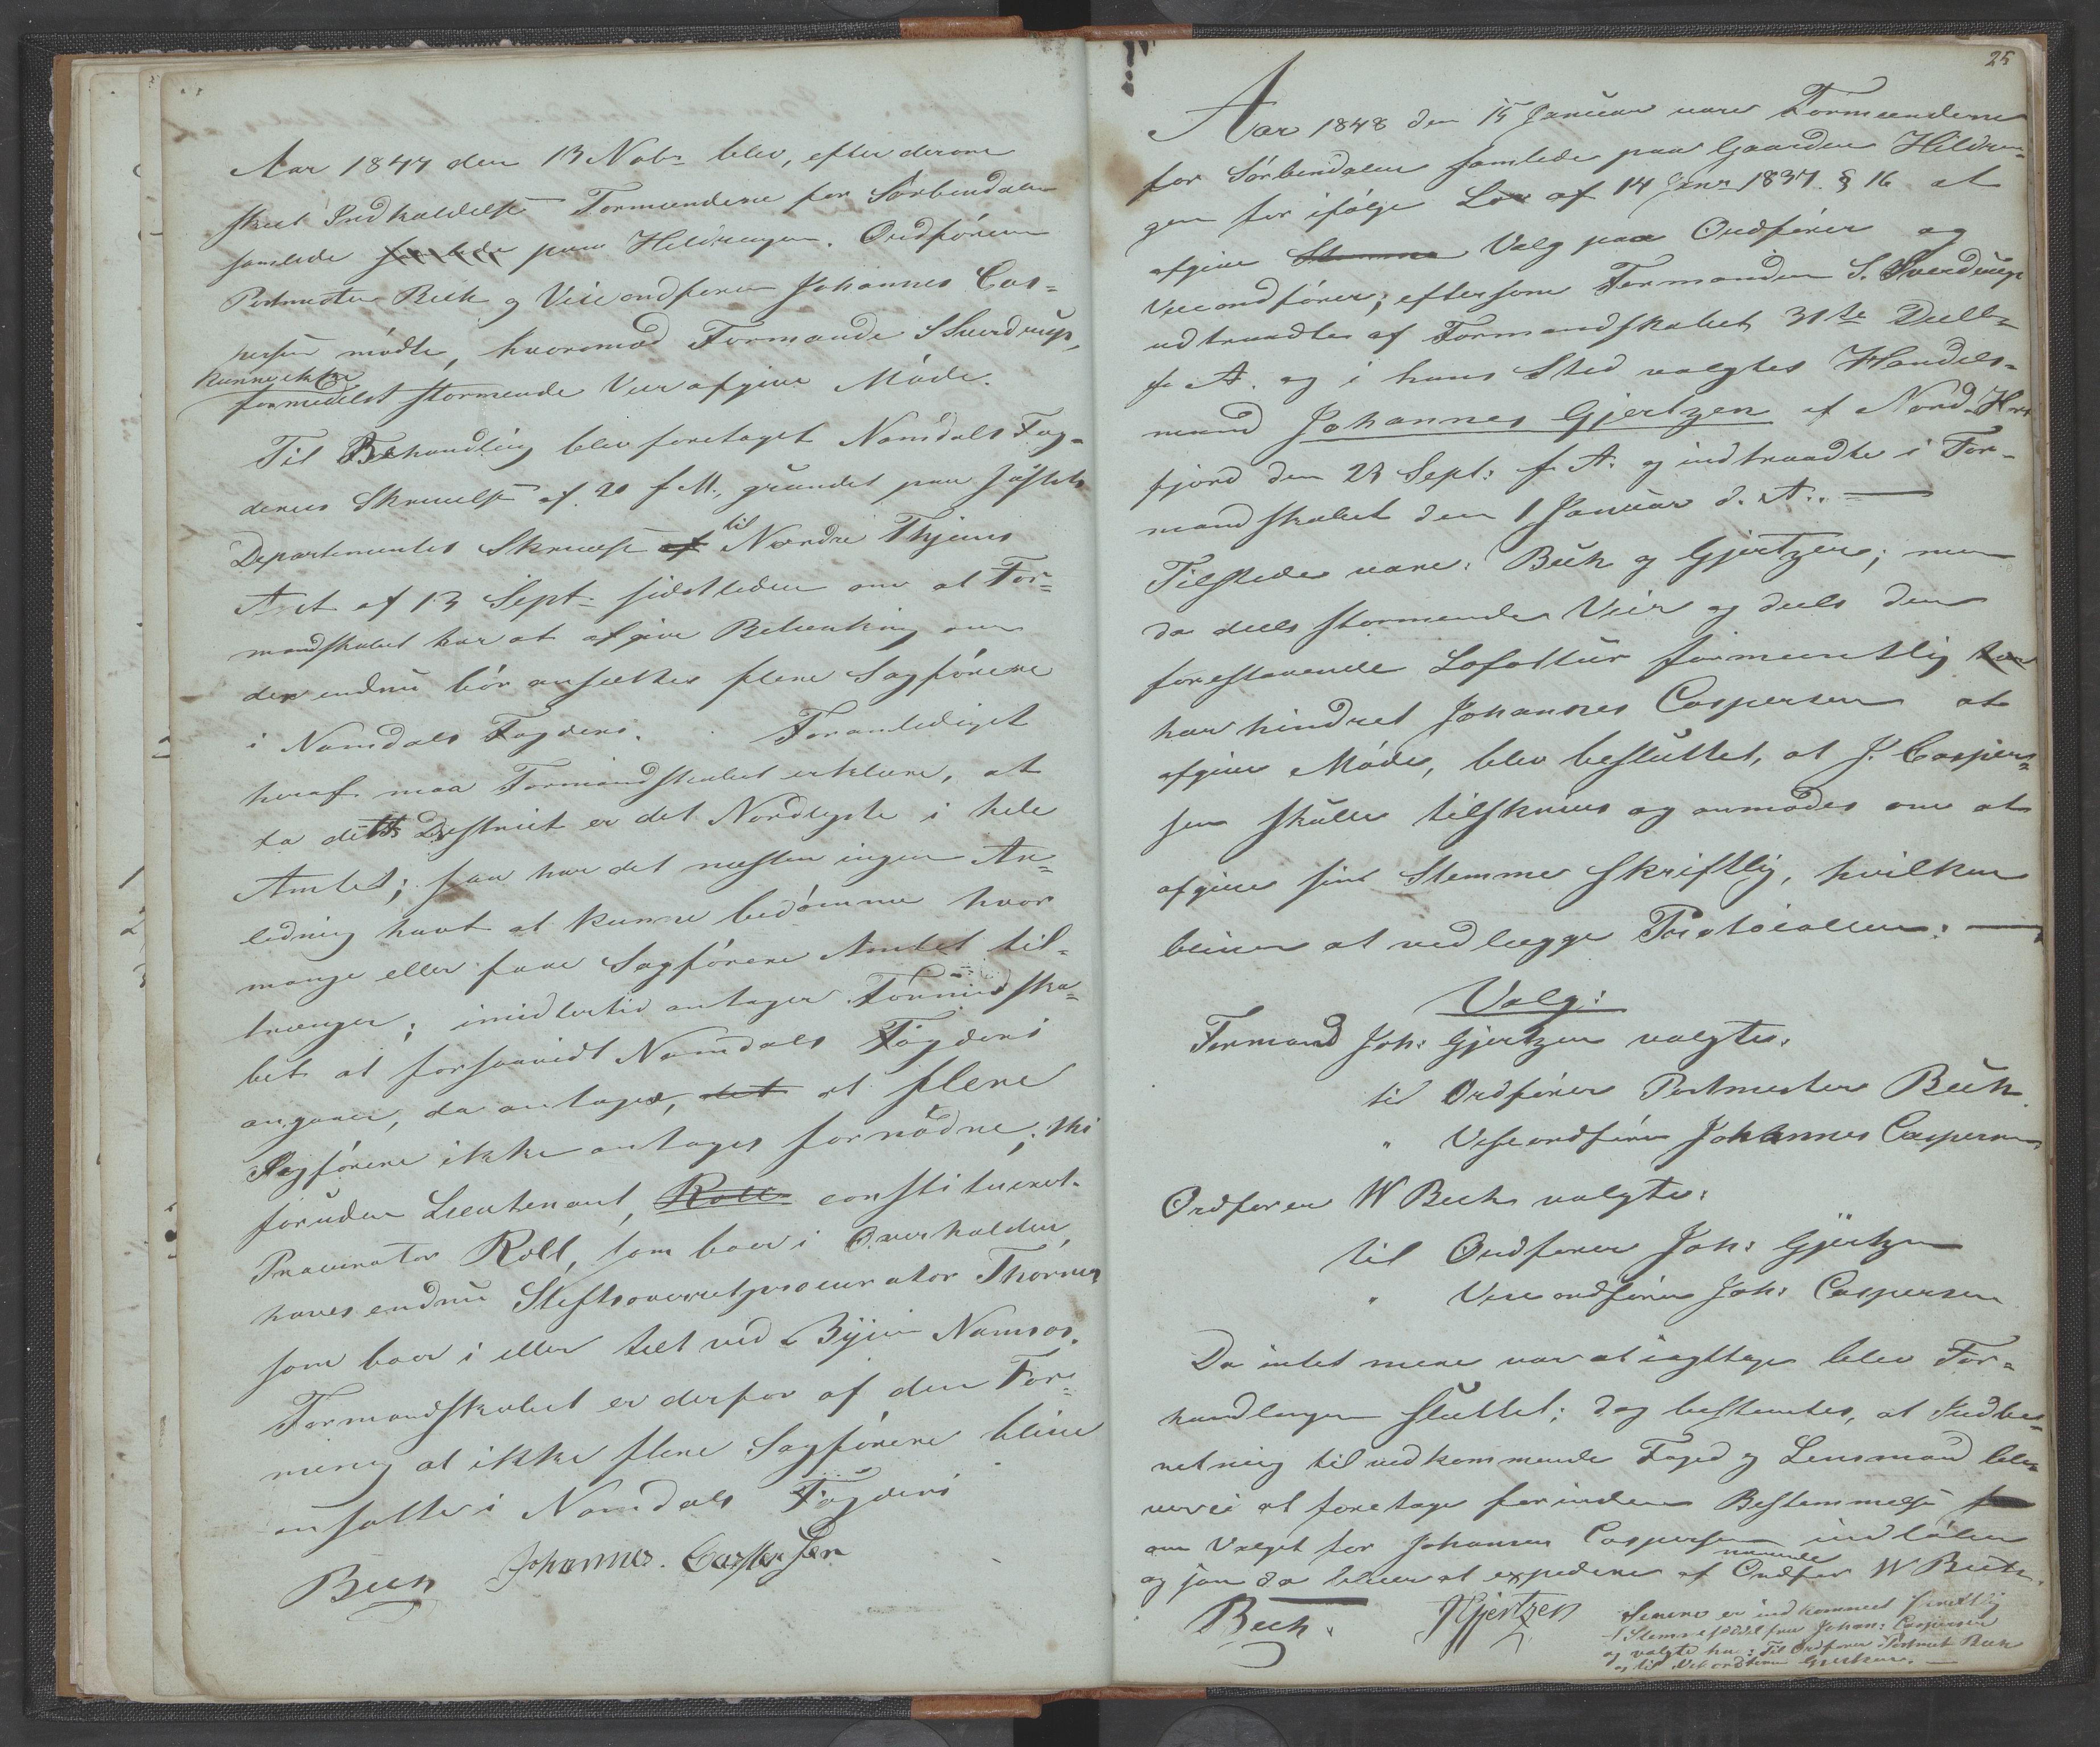 AIN, Bindal kommune. Formannskapet, A/Aa/L0000a: Møtebok, 1843-1881, s. 25